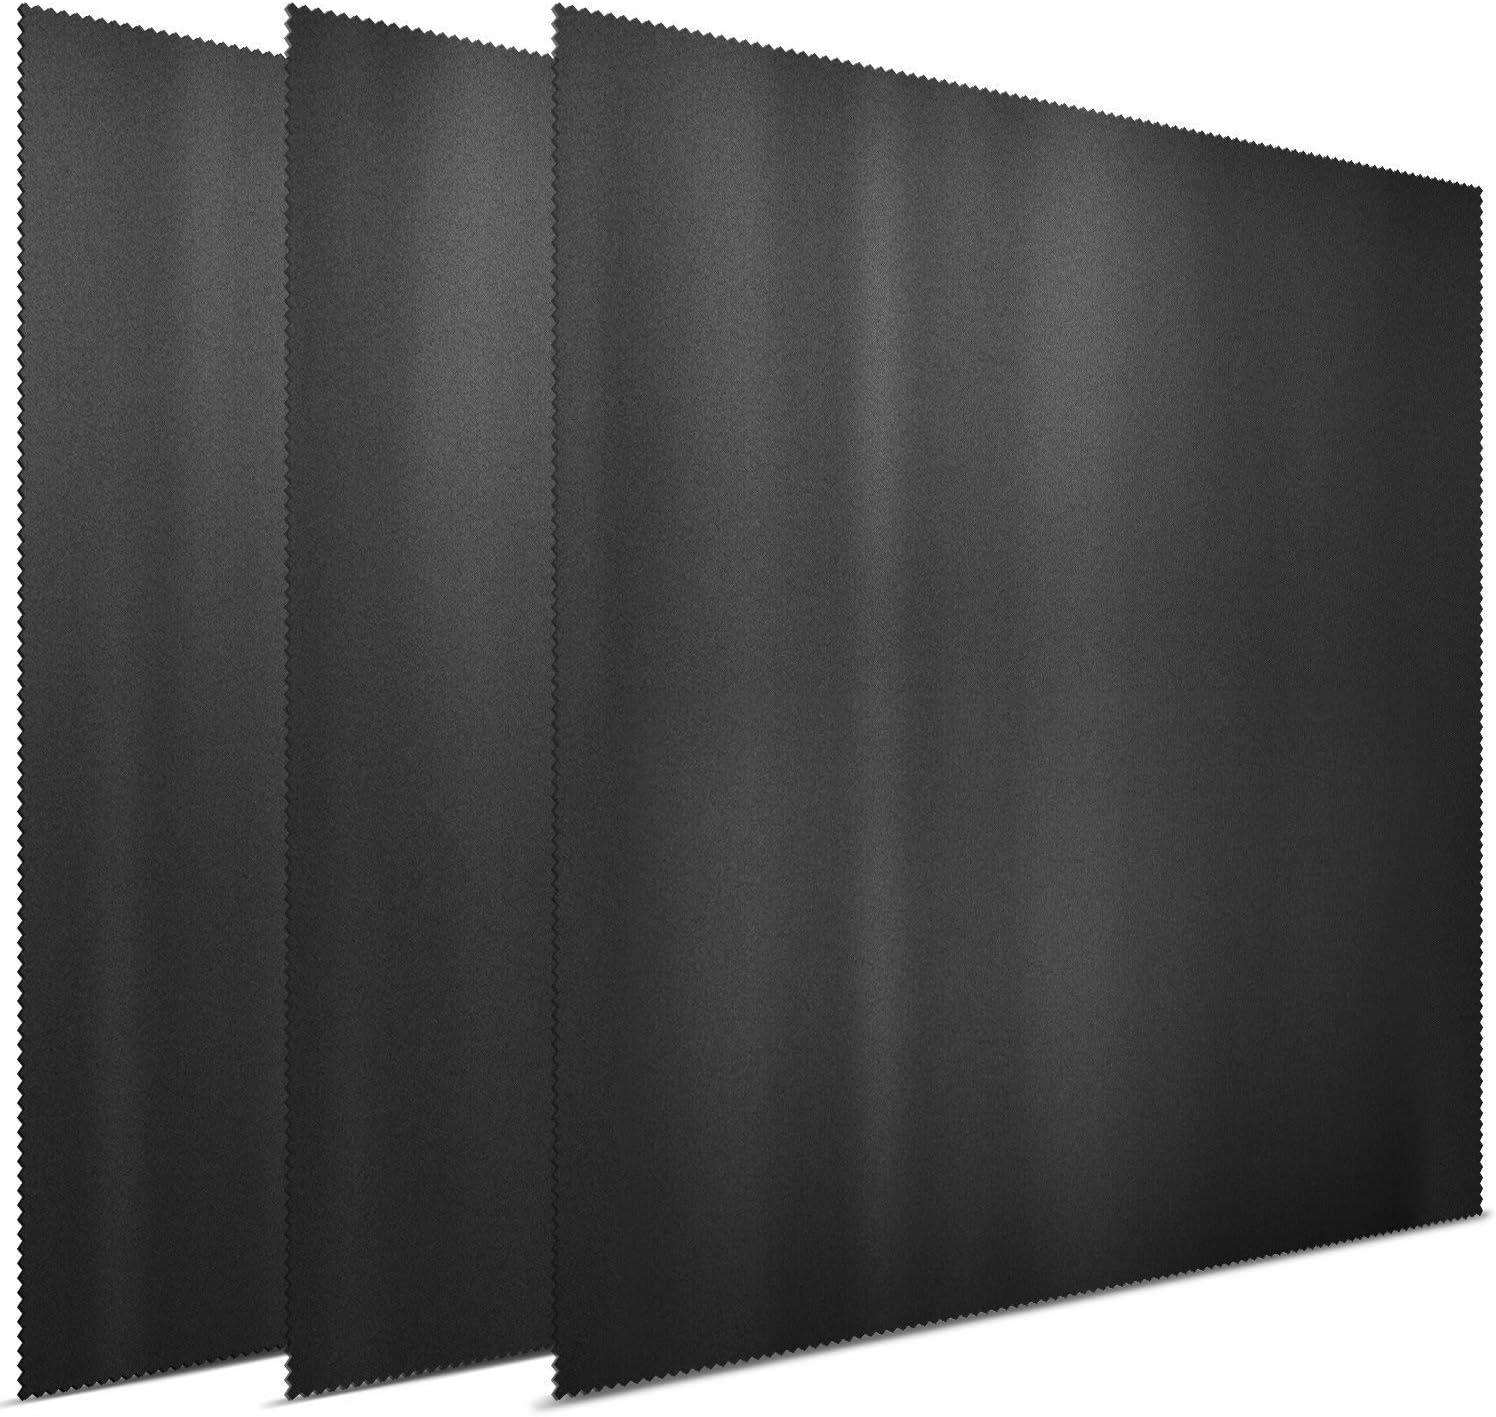 3x Letsswipethat Mikrofasertücher 30x30 Cm Mikrofaser Brillenputztuch Kamera Objektiv Microfaser Reinigungstücher Lcd Led Tv Bildschirm Microfasertuch Reinigung Laptop Pc Display Reiniger Tuch Bürobedarf Schreibwaren